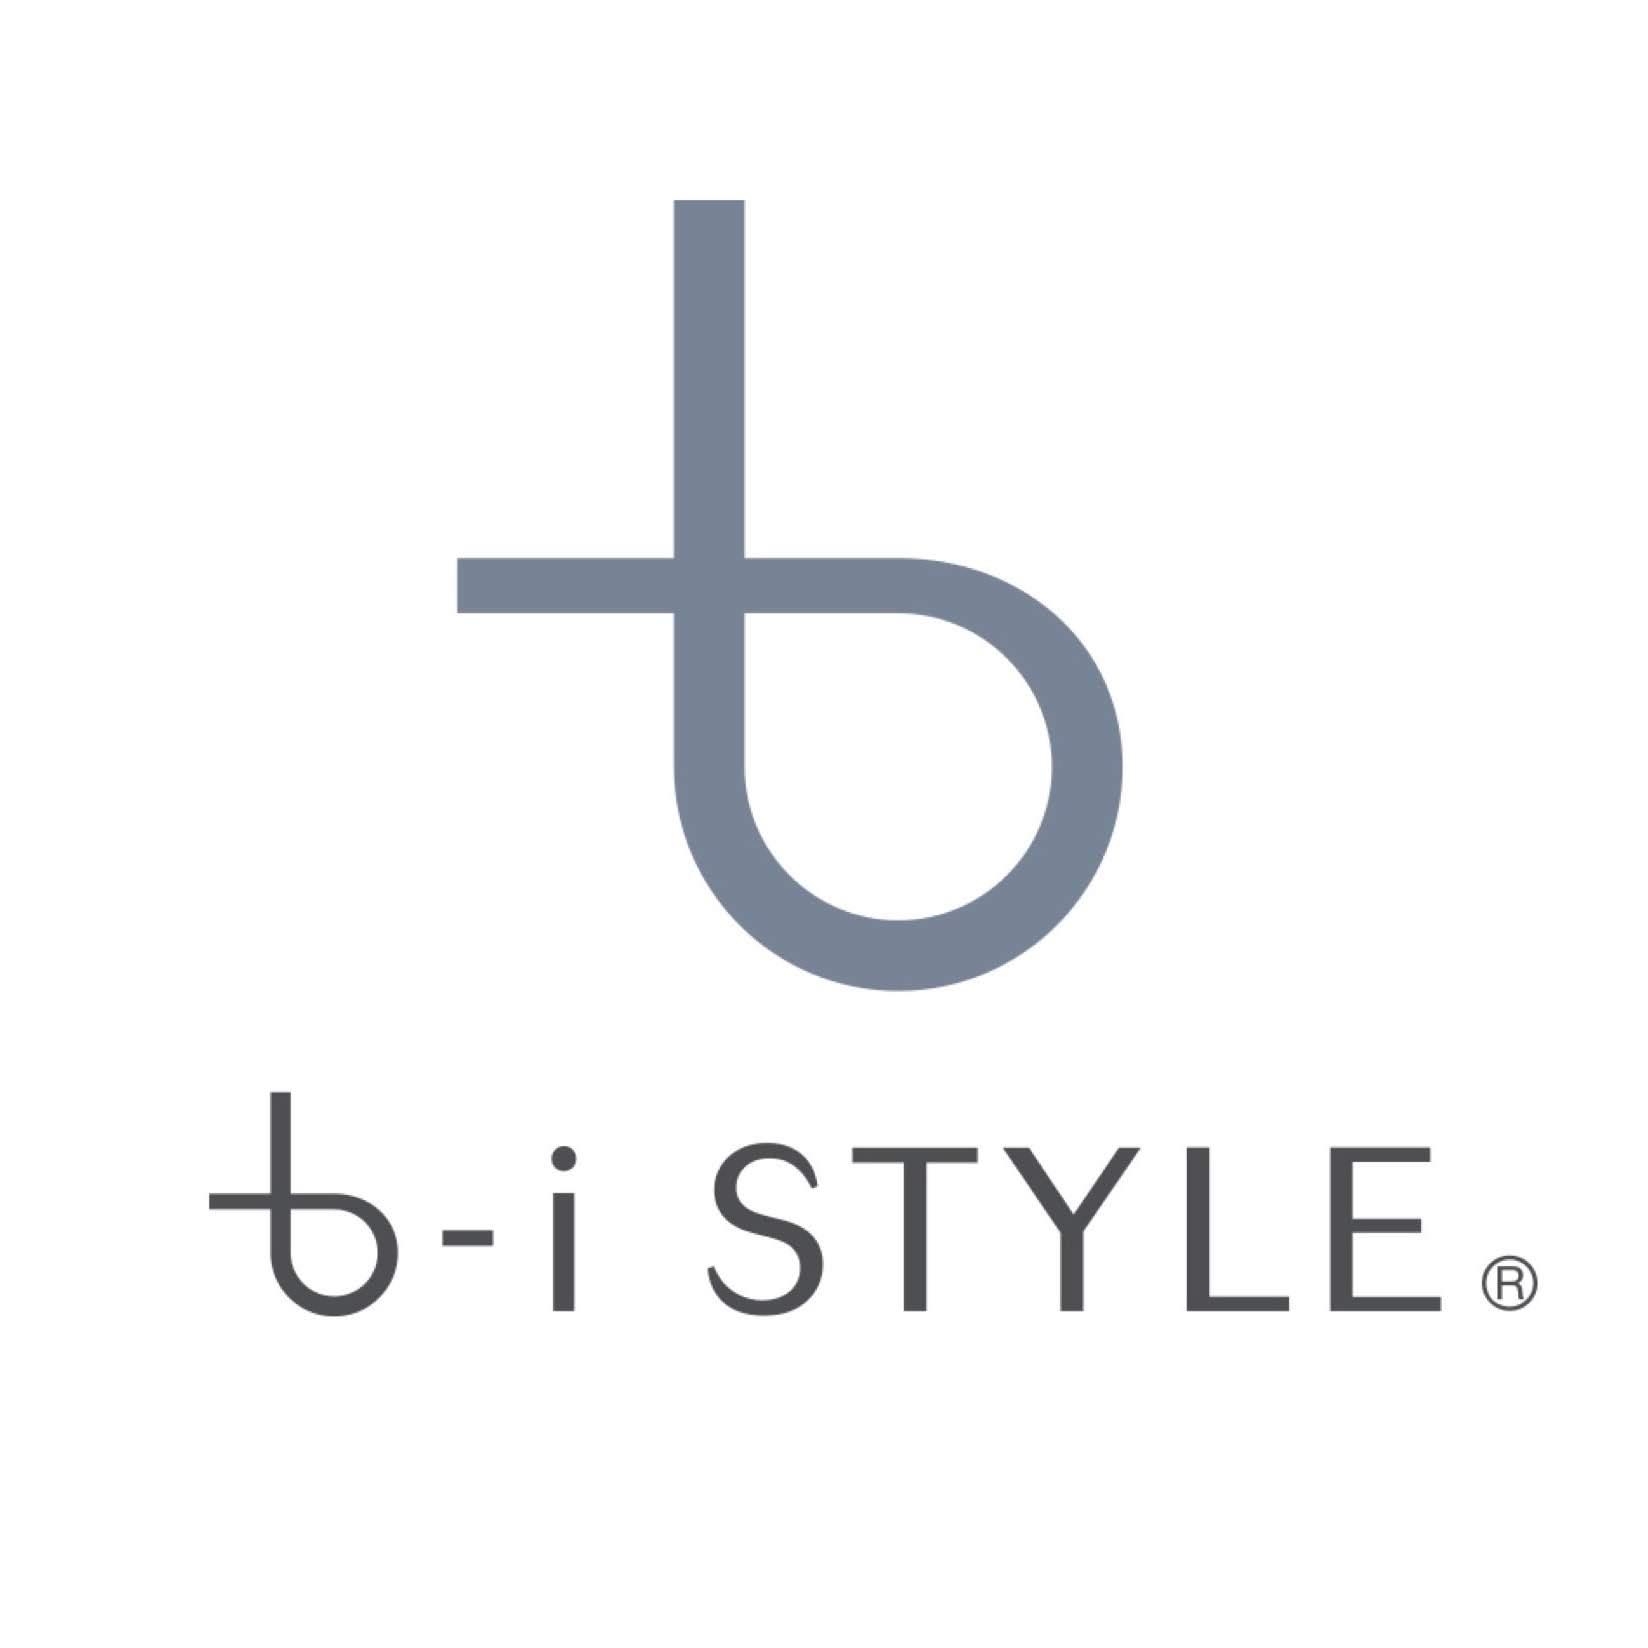 b-i style